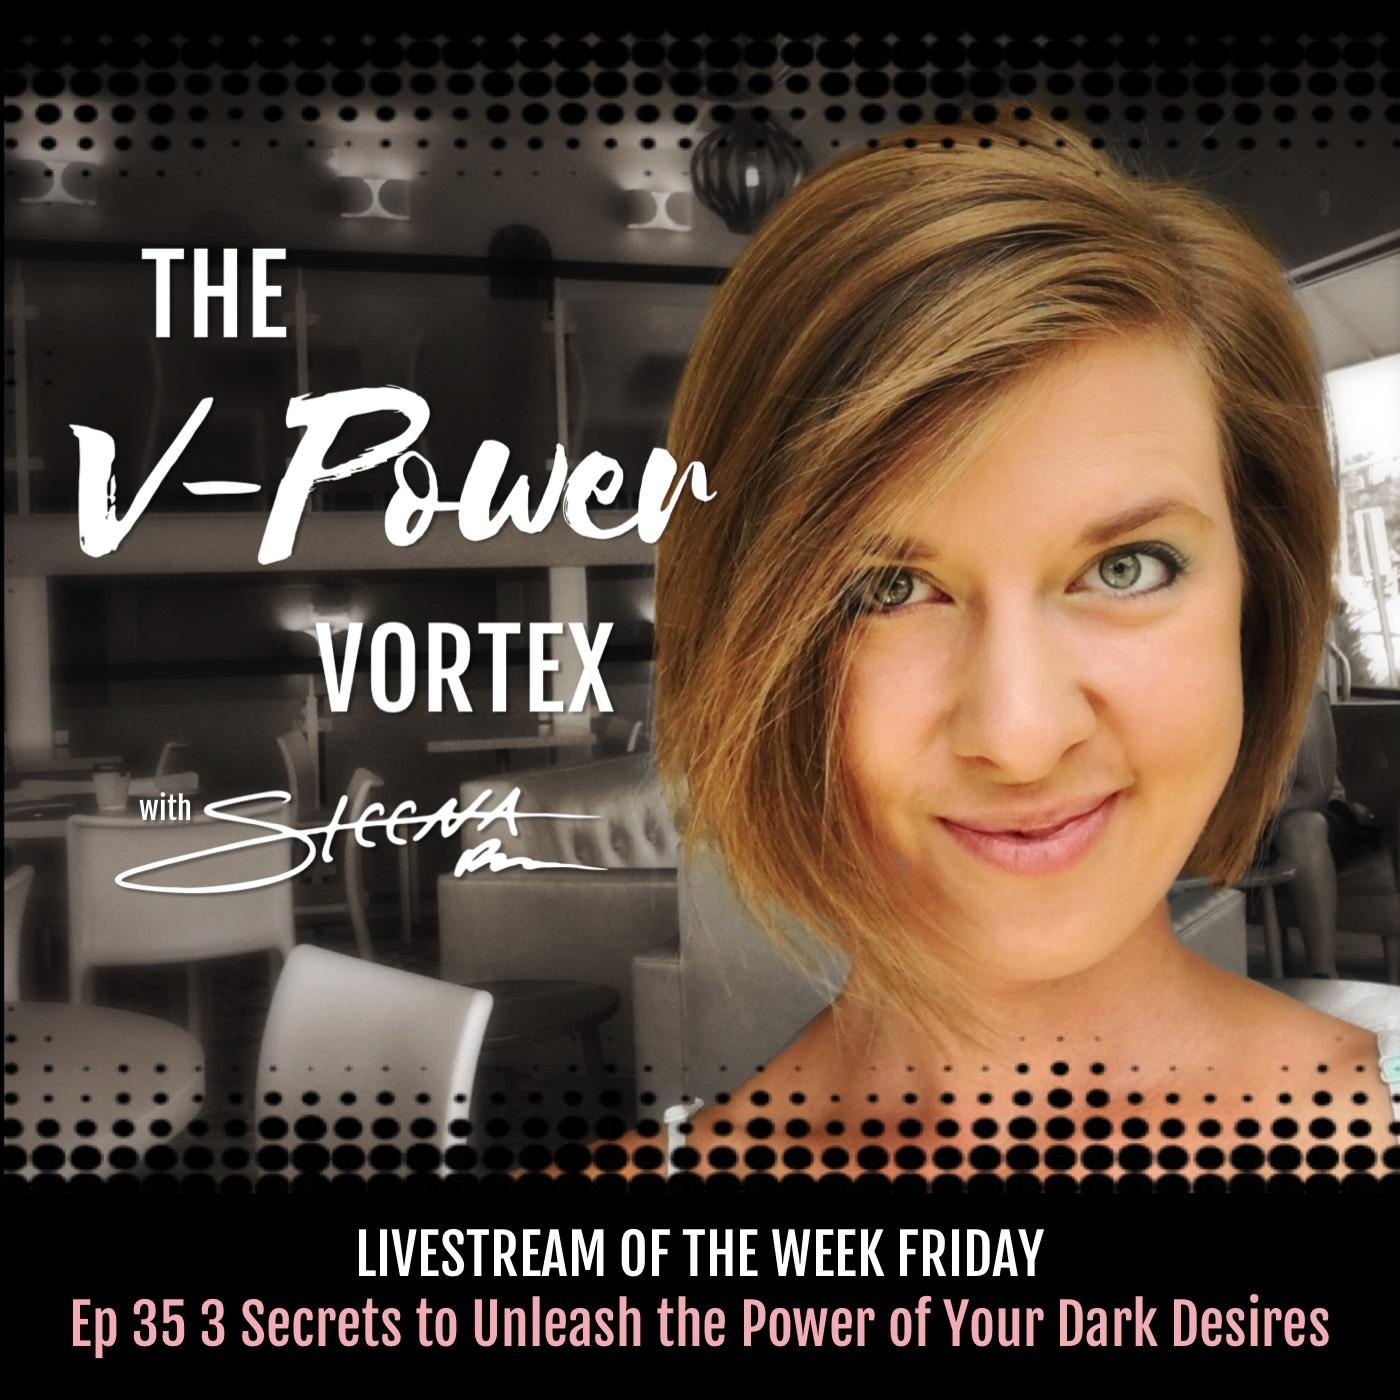 V-Power Vortex Podcast.jpeg